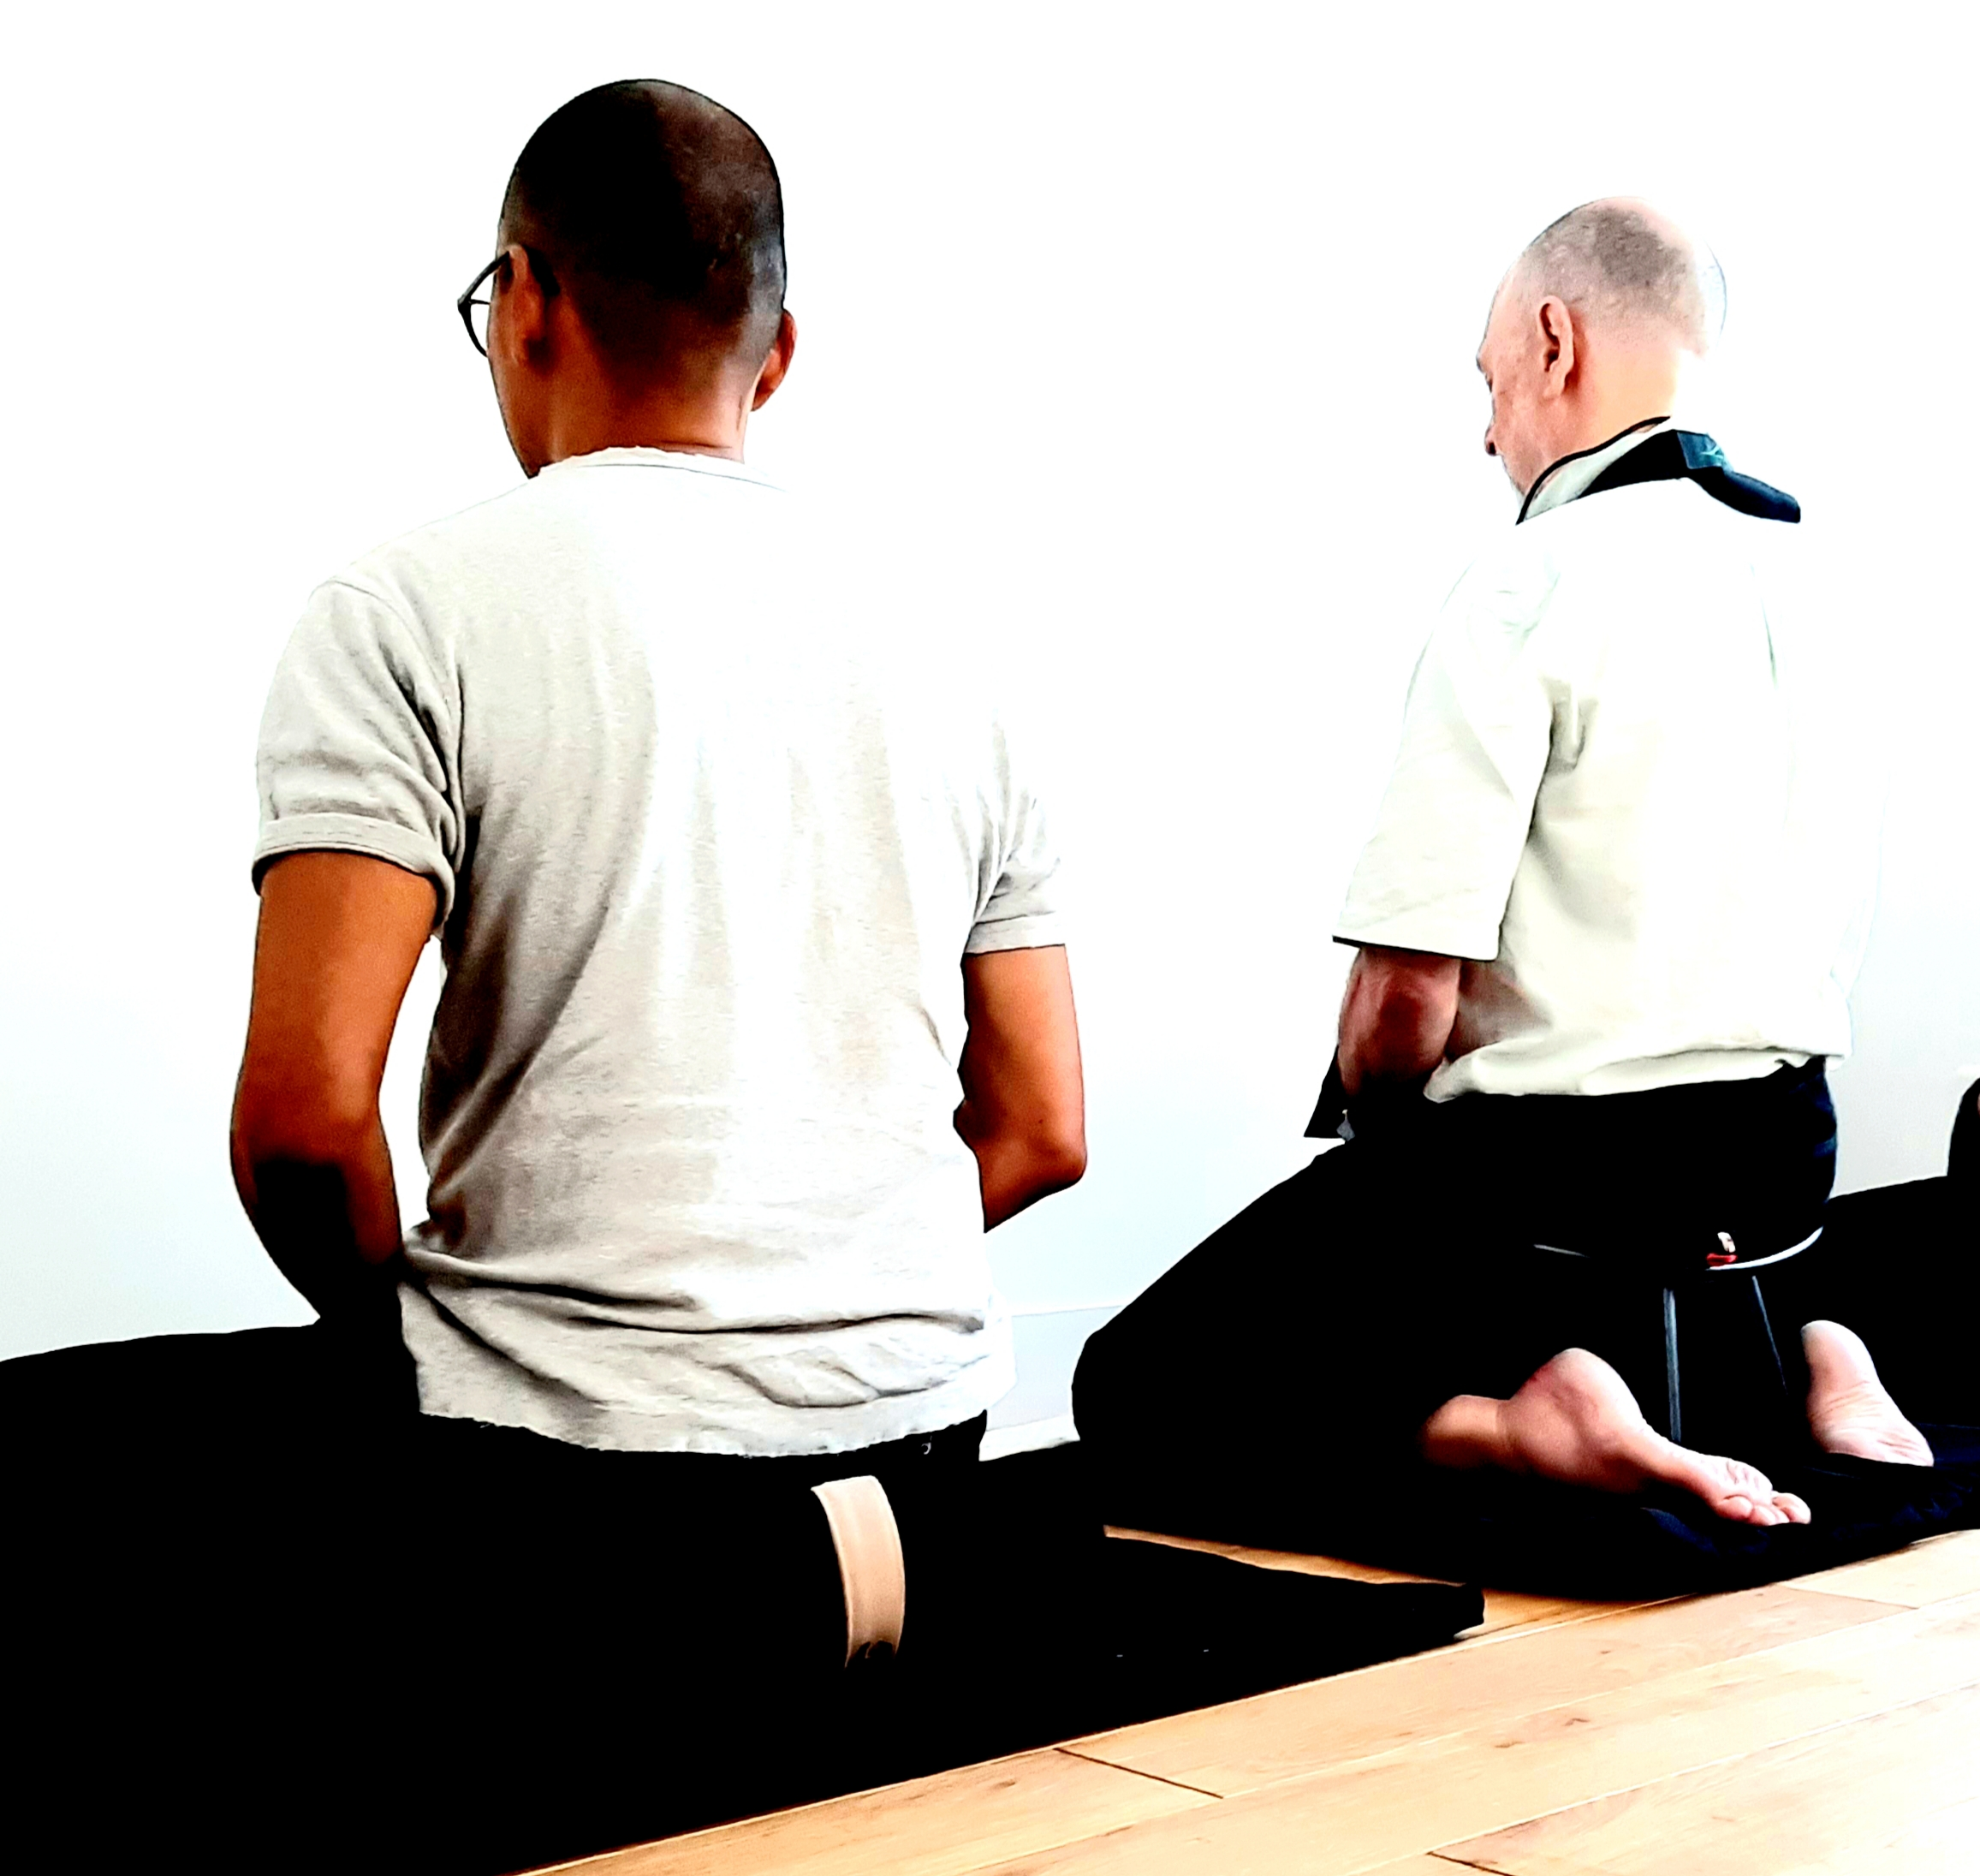 méditation zazen